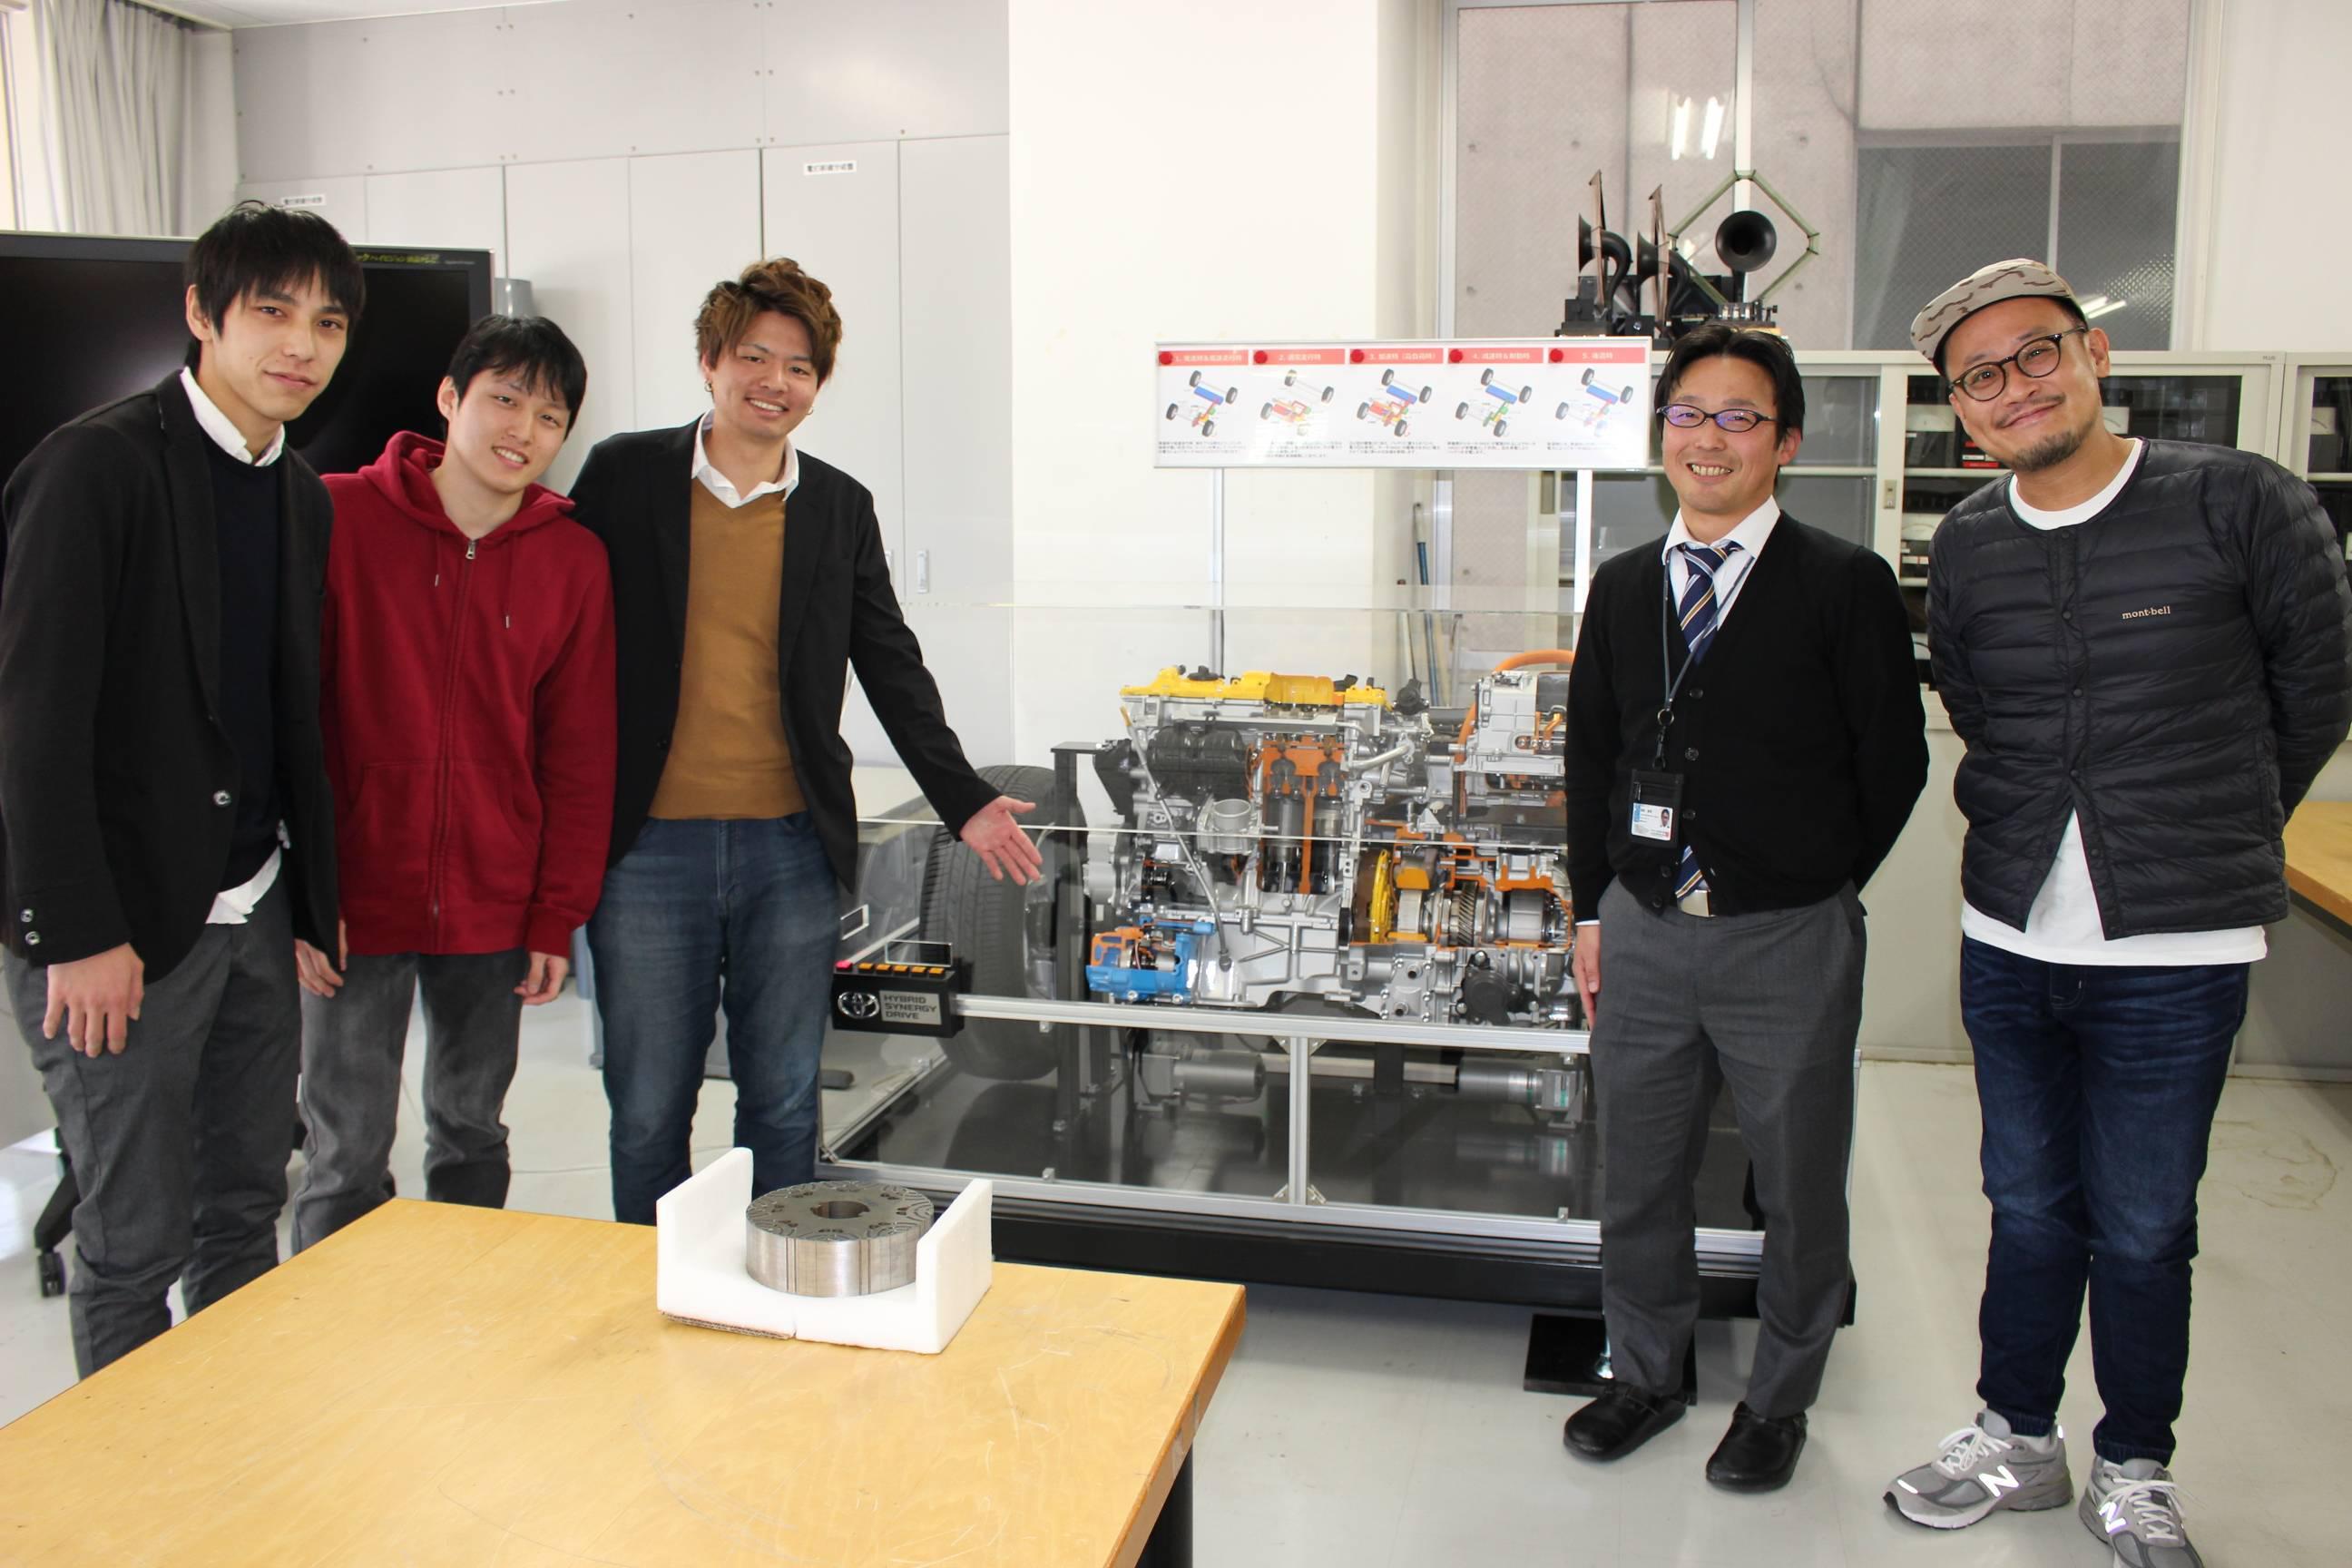 収録時の記念撮影。(左から)高橋さん、大道さん、西河さん、加納准教授、パーソナリティの平野聡さん